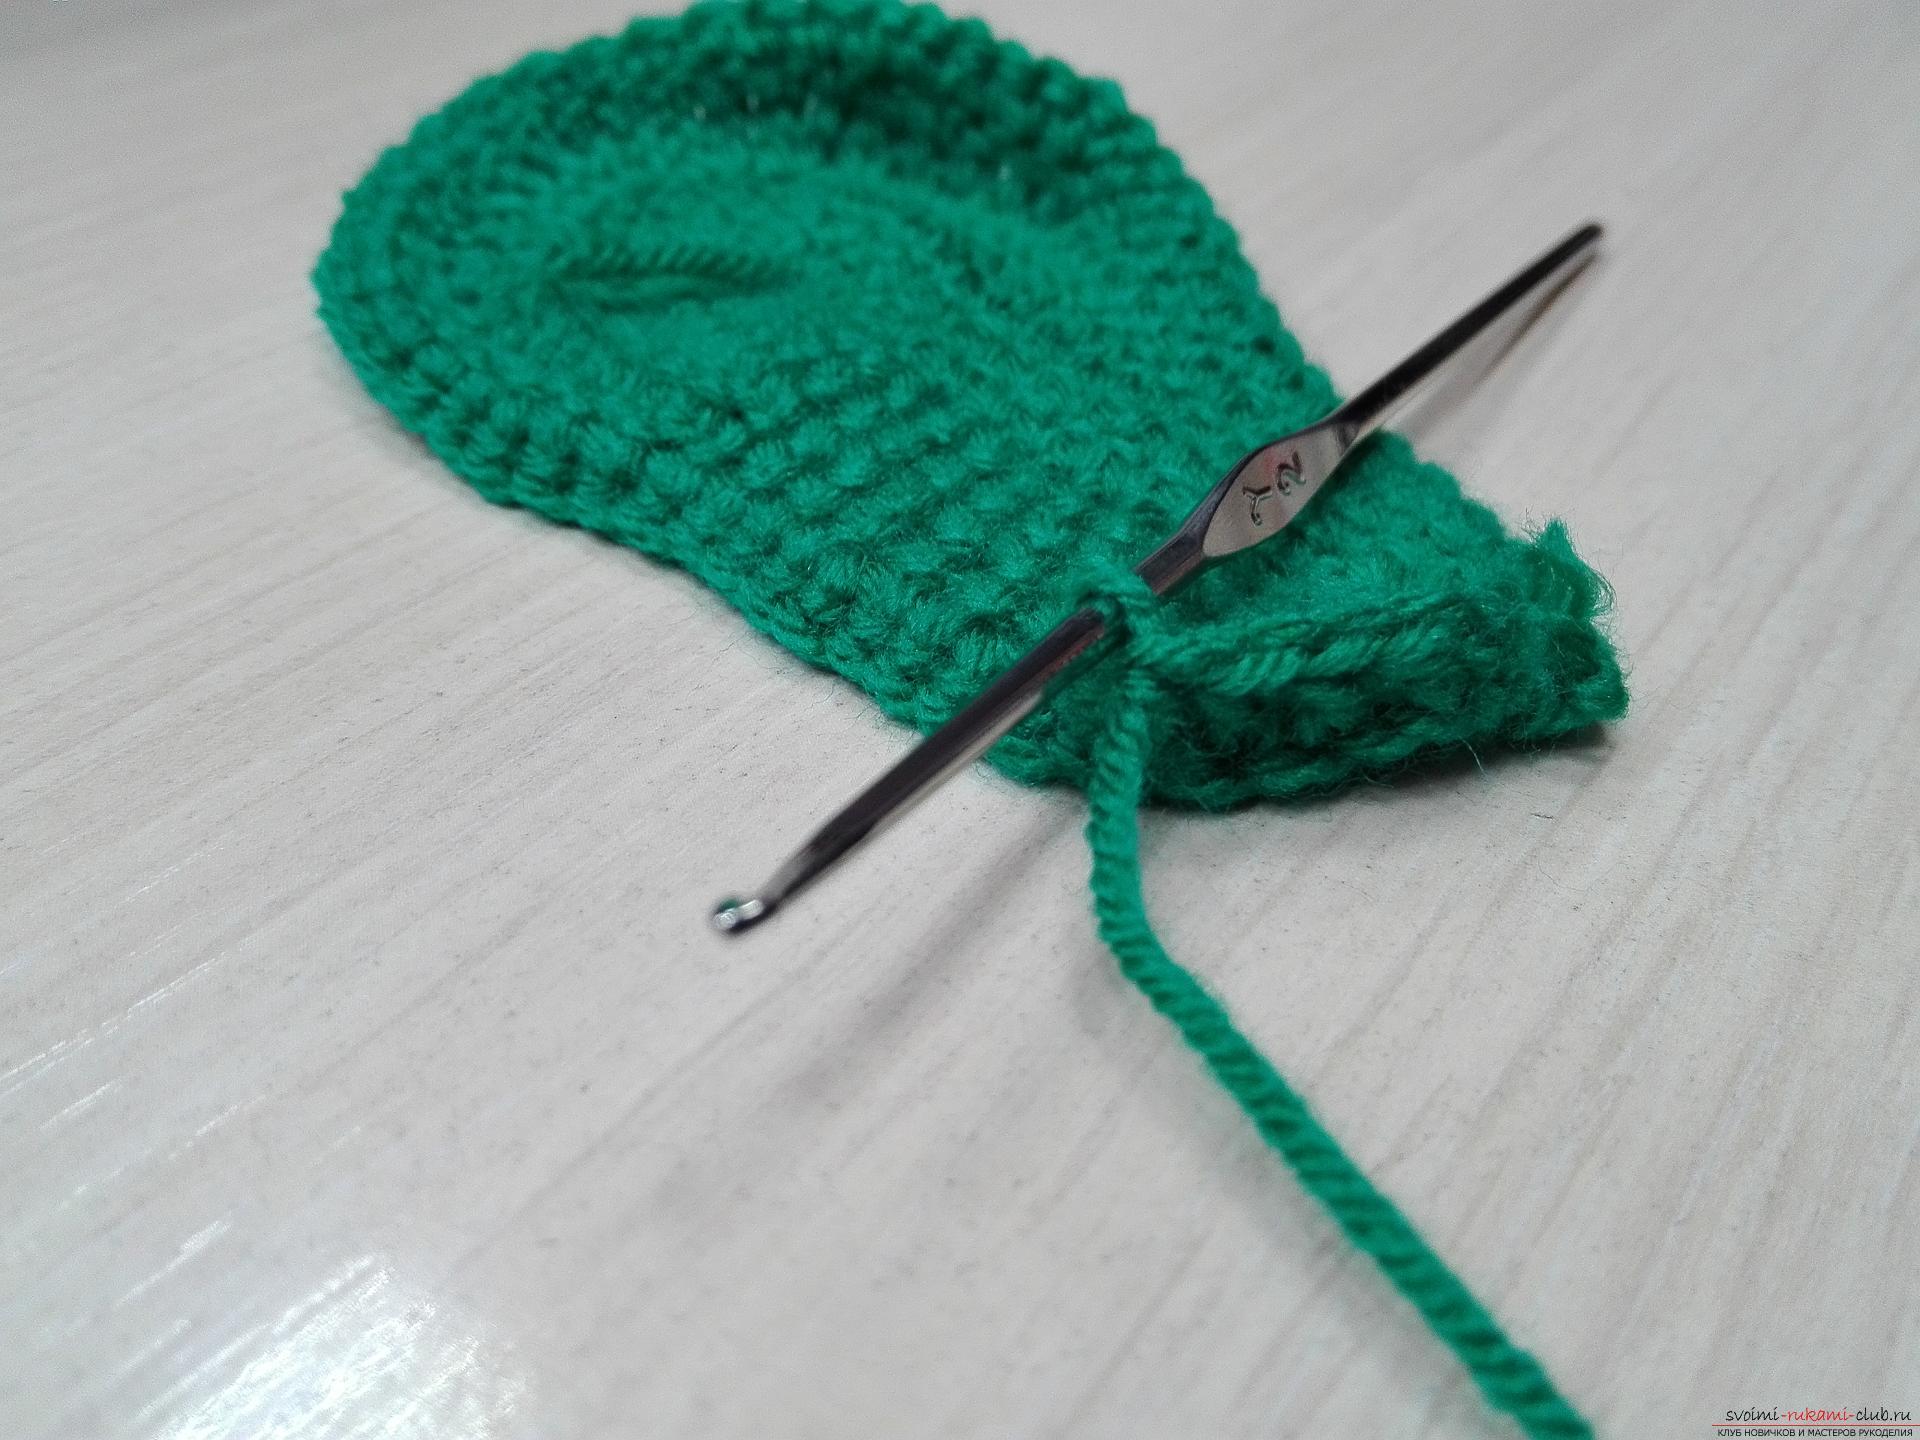 Мастер-класс по вязанию крючком с фото и описанием научит вязанию детских пинеток. Фото №11